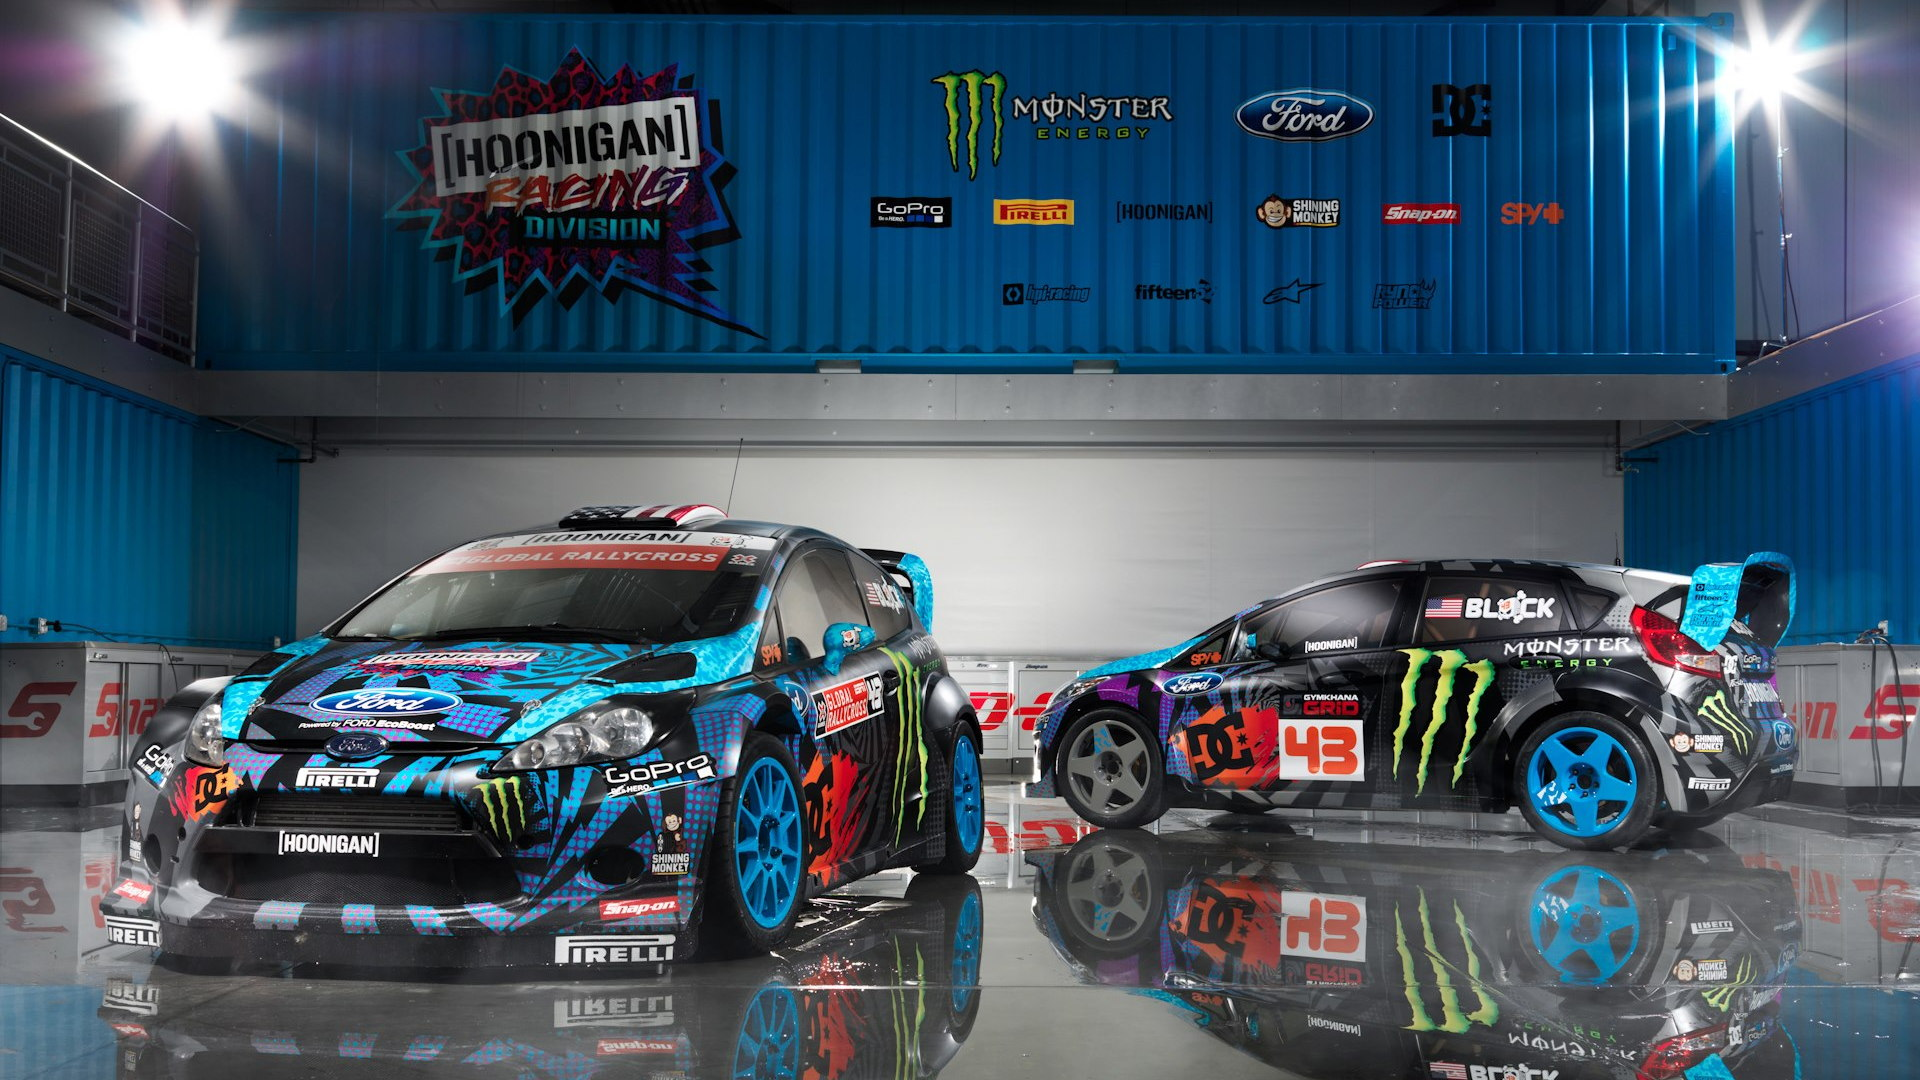 Ken Block's 2013 Hoonigan Racing Division livery